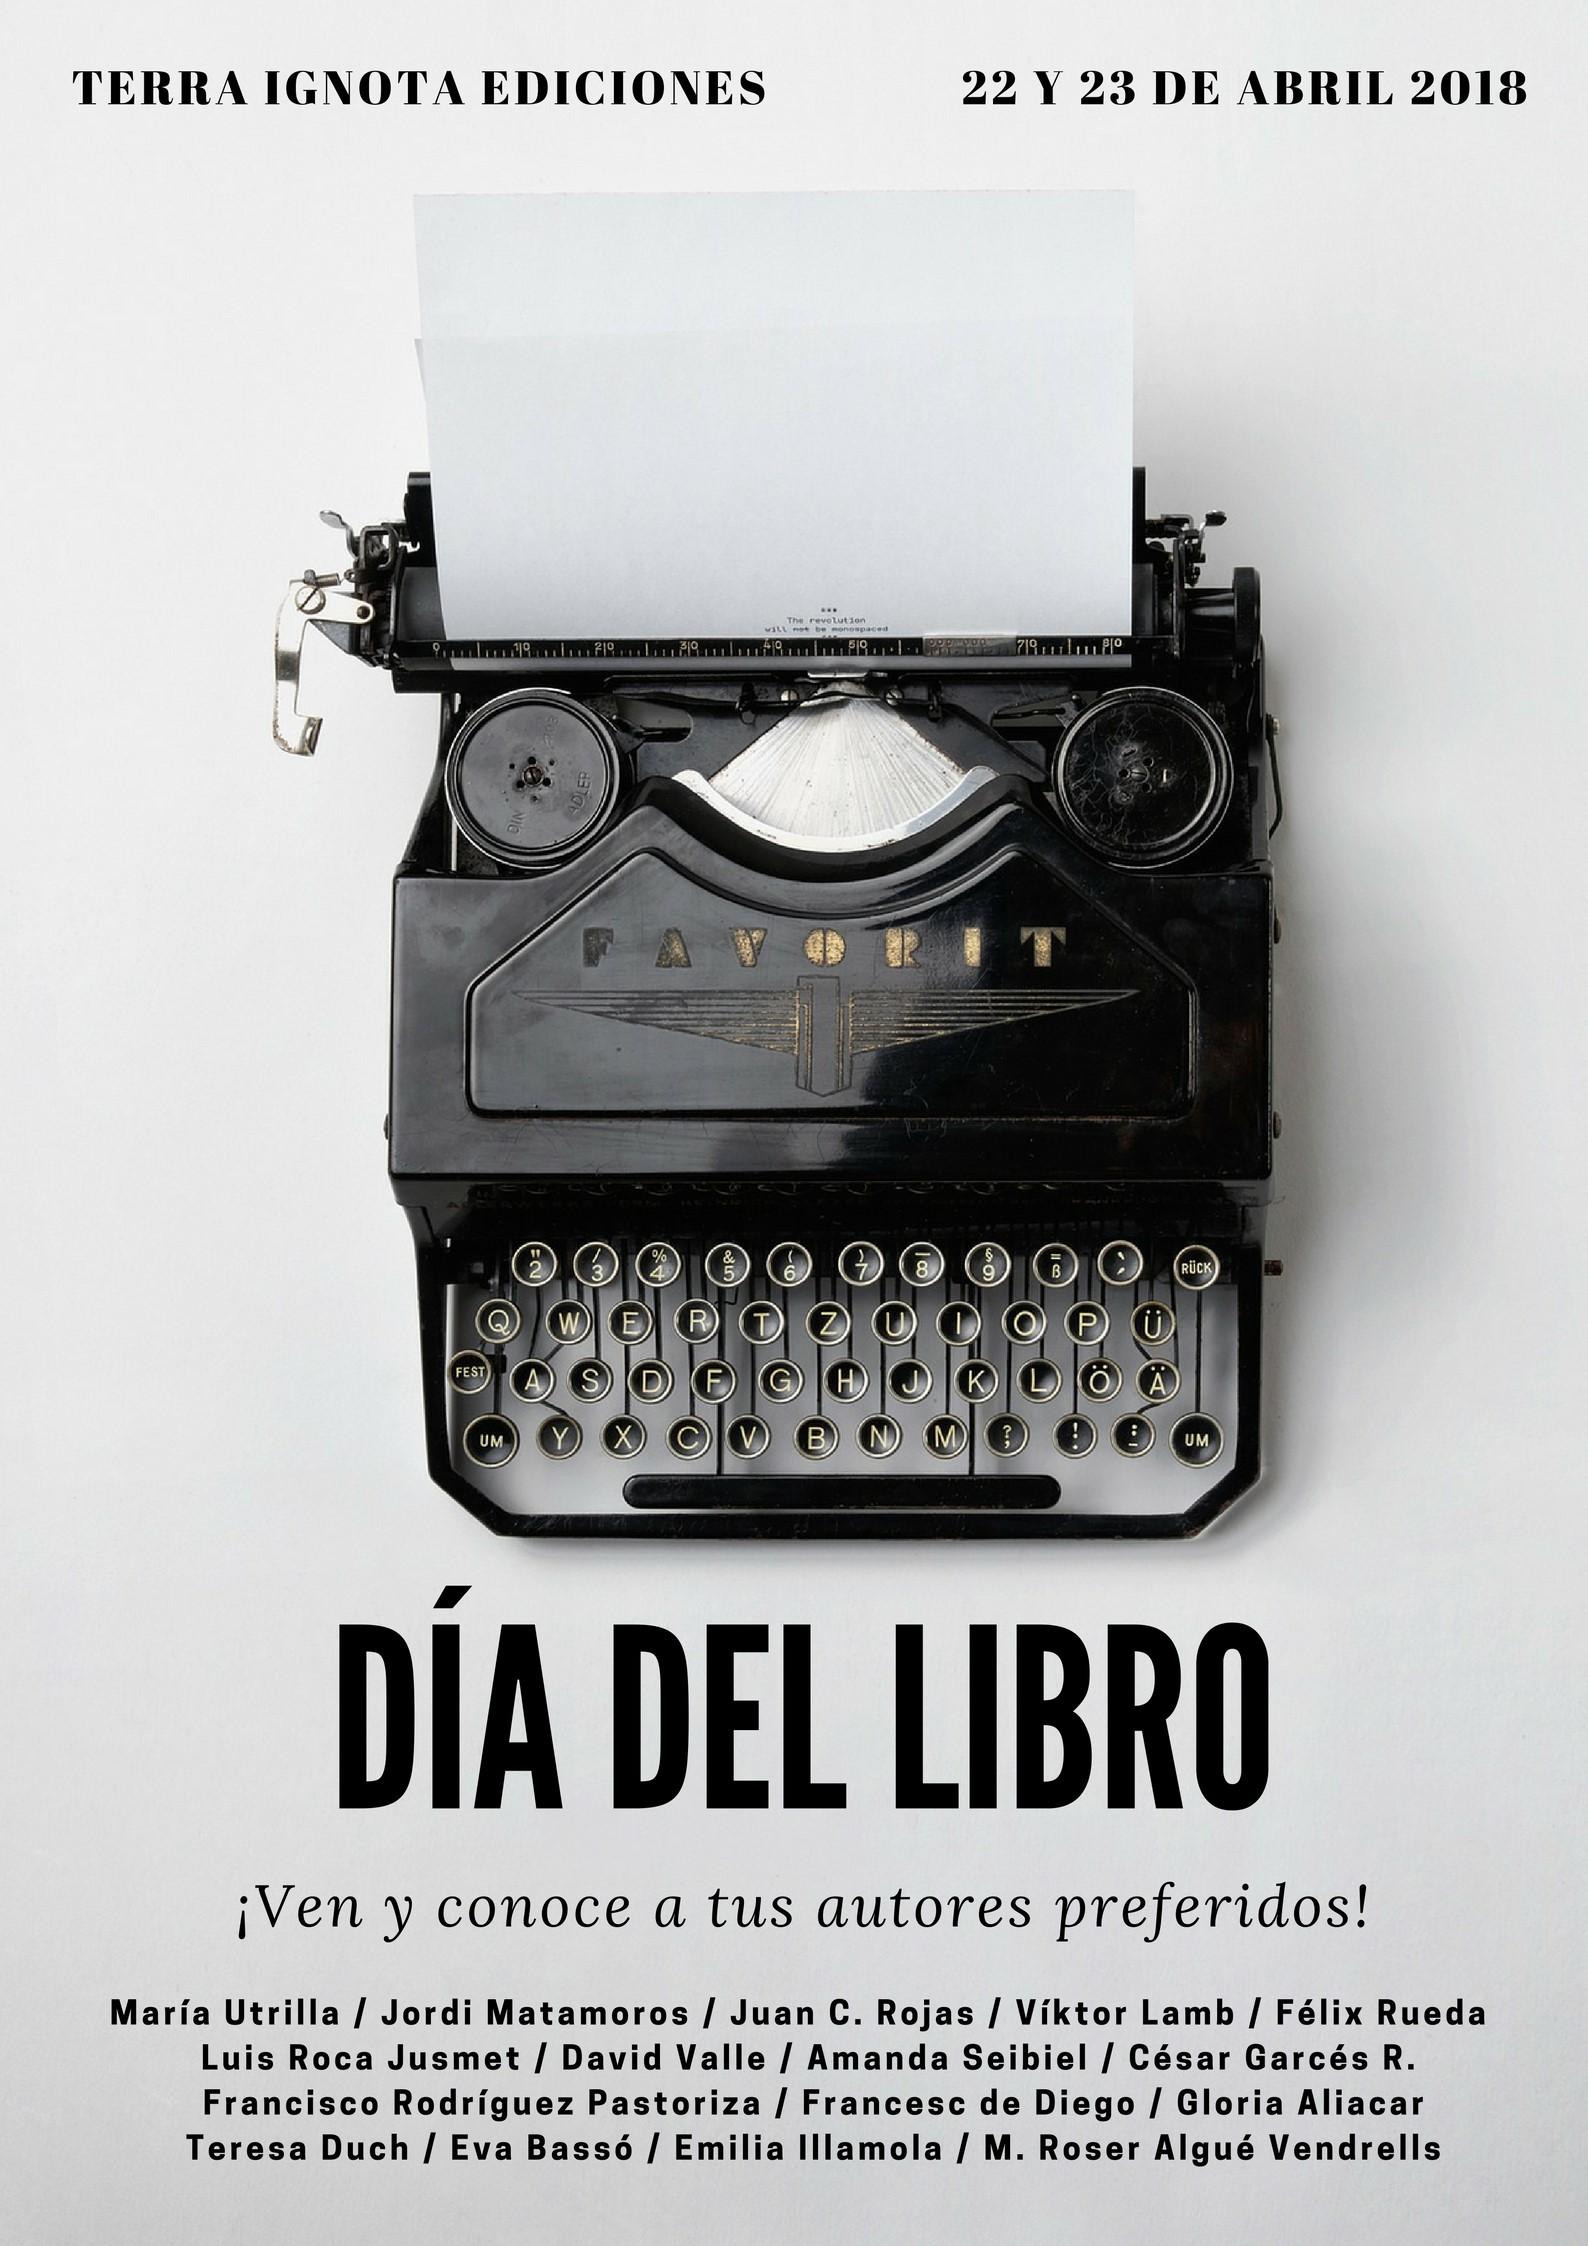 Publicar-un-libro-editar-Terra-Ignota-Ediciones-España-barcelona-madrid-andalucia-cataluña-www.terraignotaediciones.com-autopublicación-autoedicion-coedición-editoriales-españolas-como-manuscrito